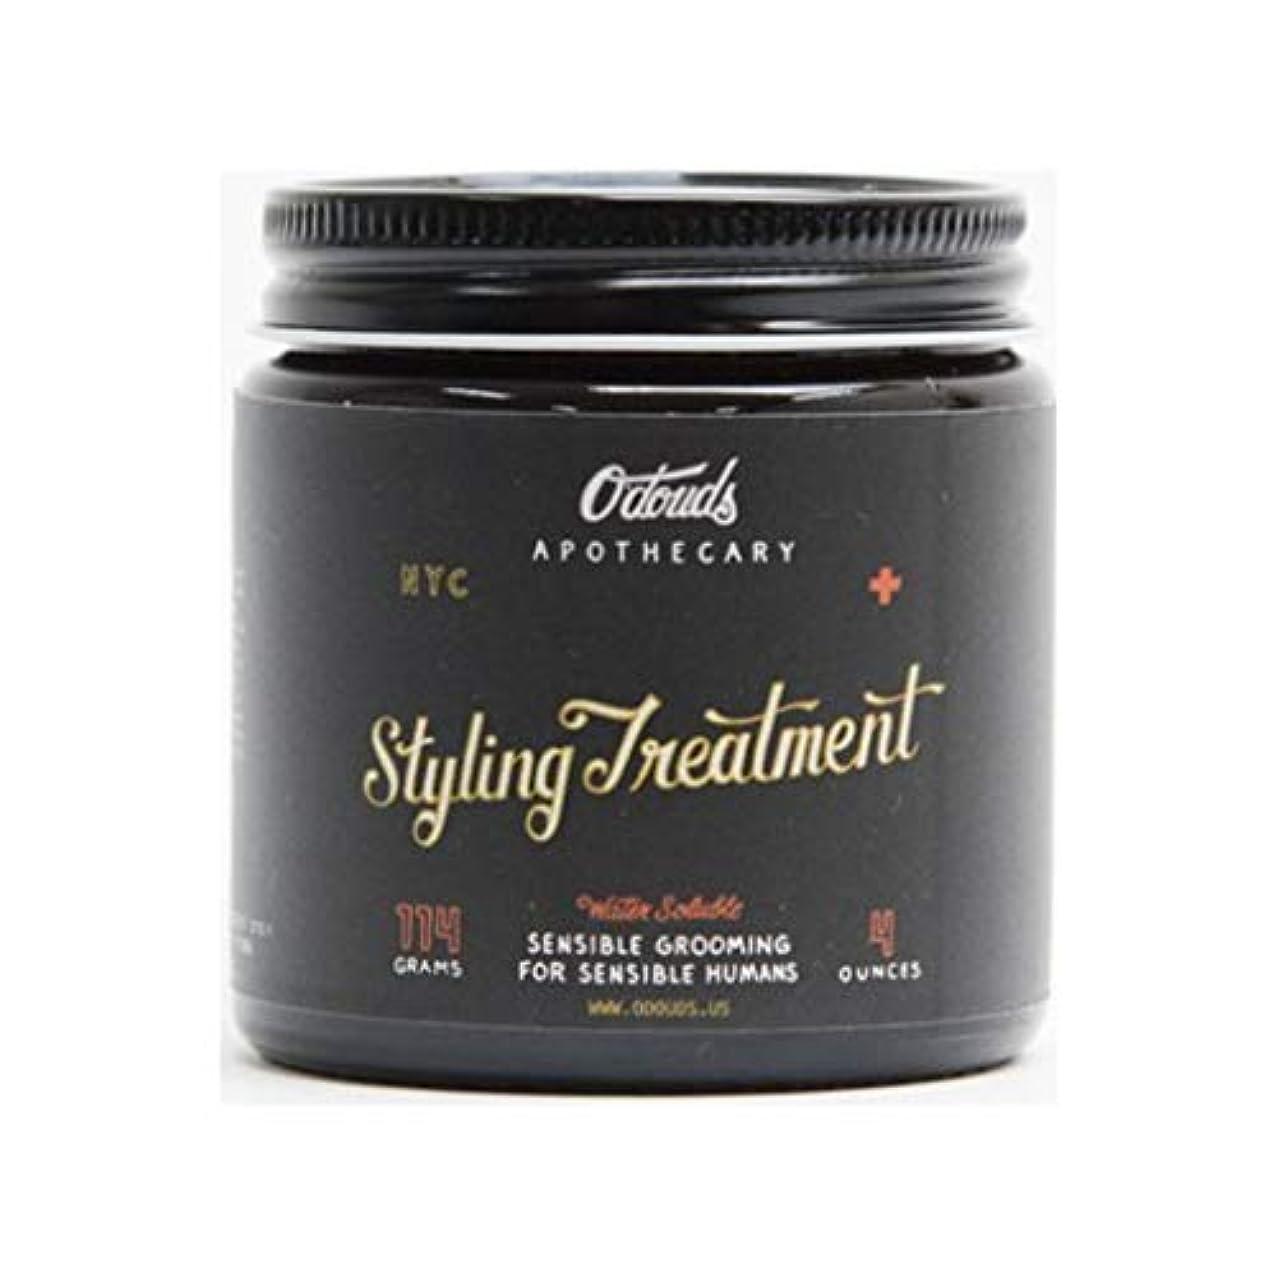 試す読むはがきO'Douds (オダウズ) スタイリングトリートメント STYLING TREATMENT メンズ 整髪料 水性 ポマード ヘアクリーム ヘアオイル ヘアグリース ヘアワックス ナチュラルシャイン ライトホールド ヴィーガン